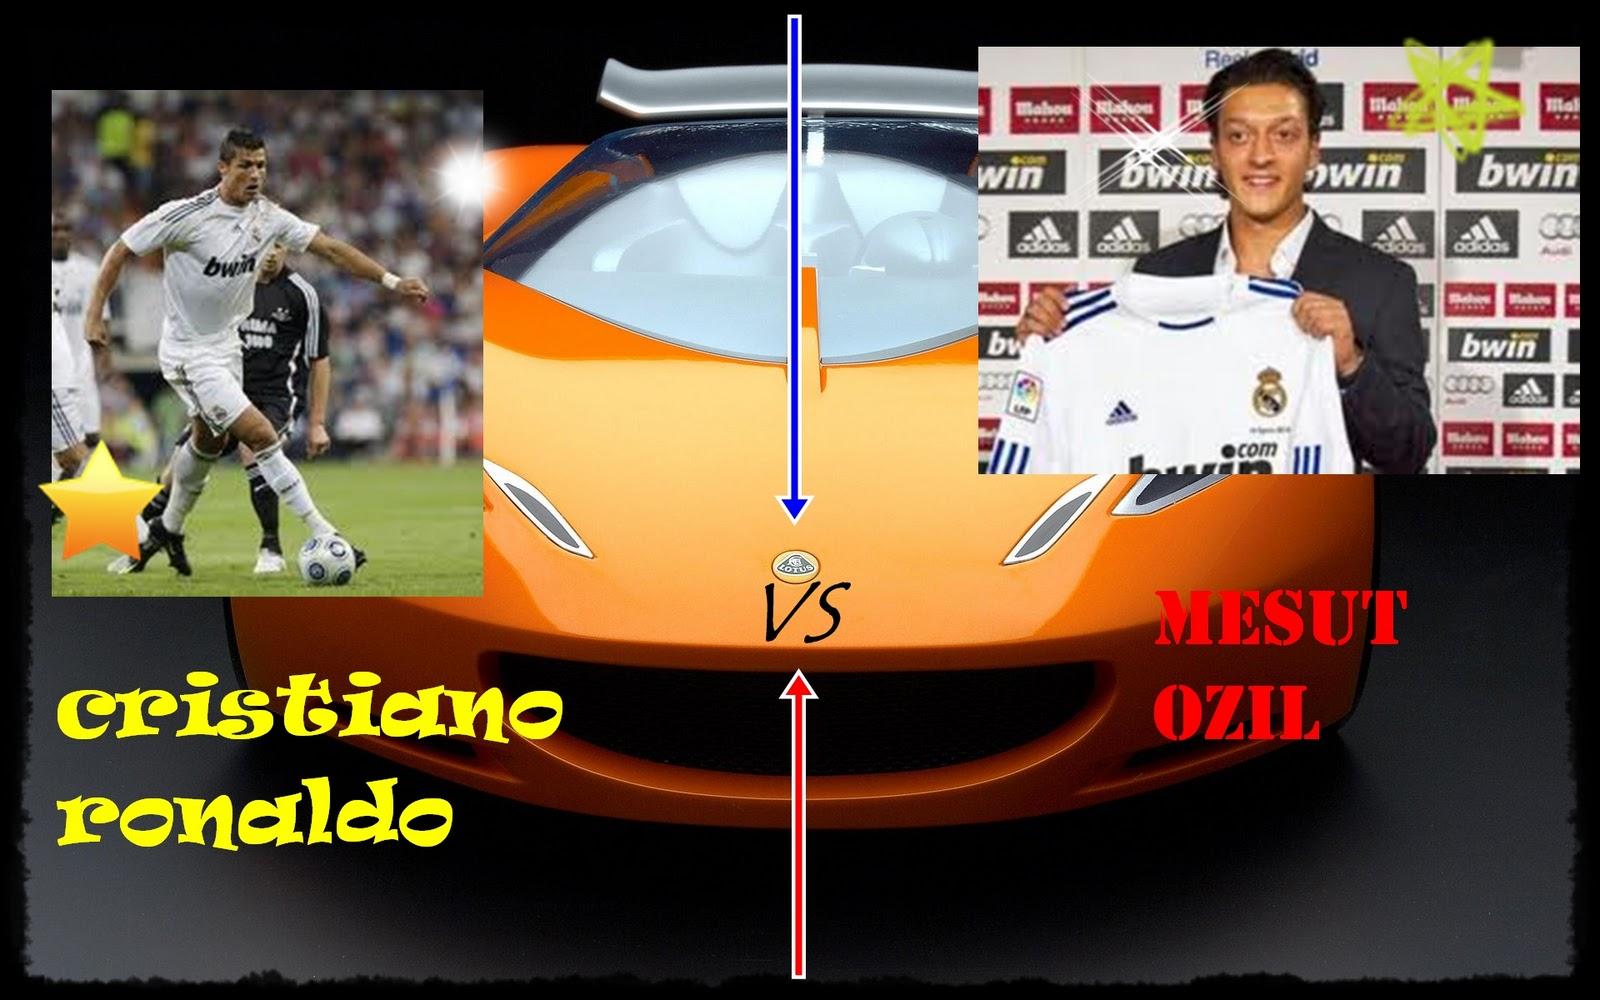 ANTONIO FOTO MONTAJES: Cristiano Ronaldo Vs Mesut Ozil